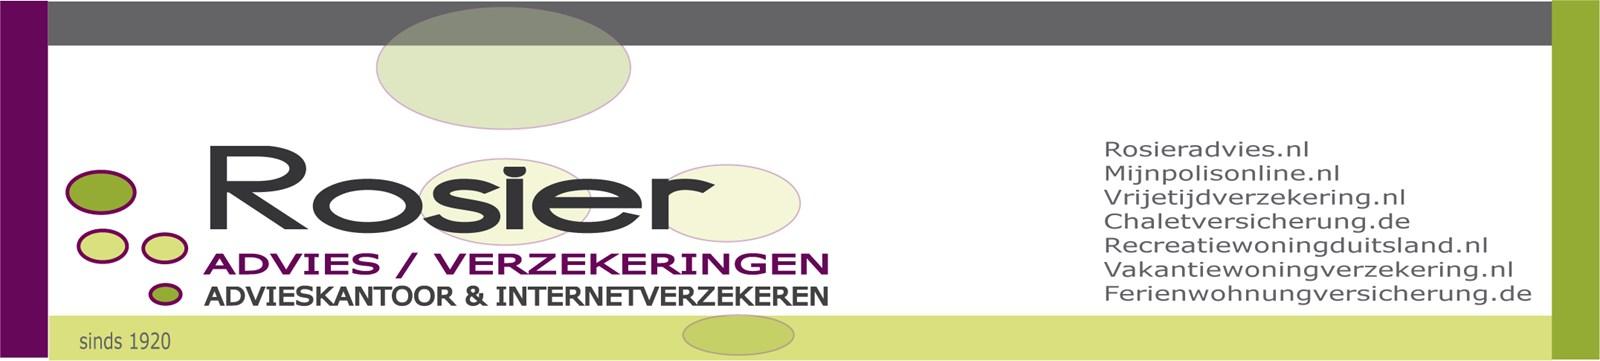 Logo van Rosier verzekeringen en advies